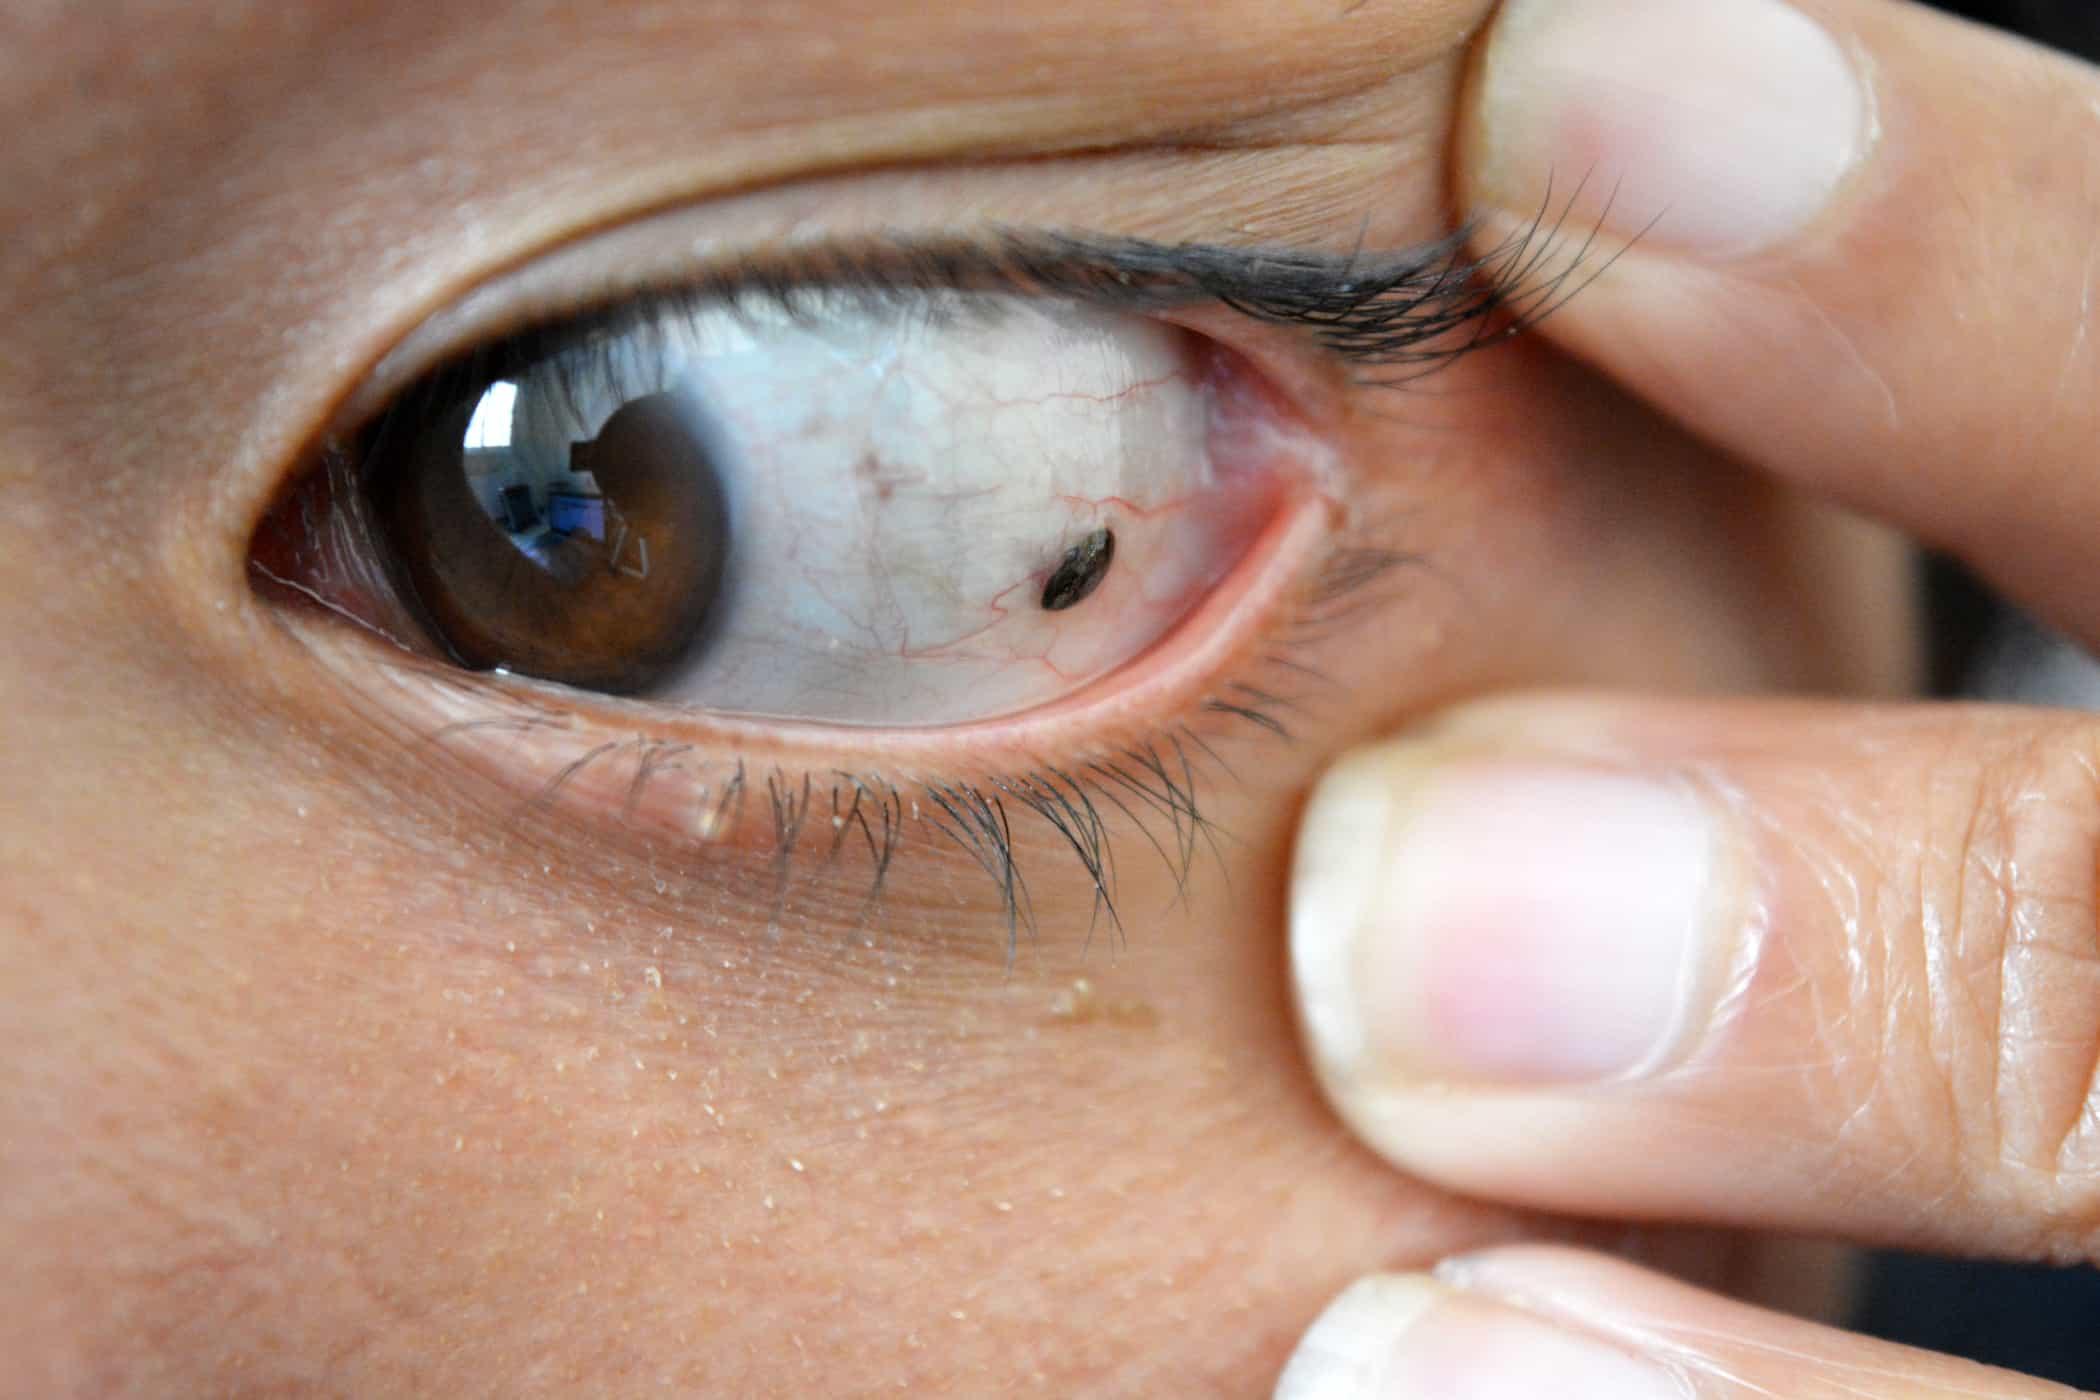 Контактная оптика таит в себе угрозу зрению? может ли линза закатиться за глазное яблоко